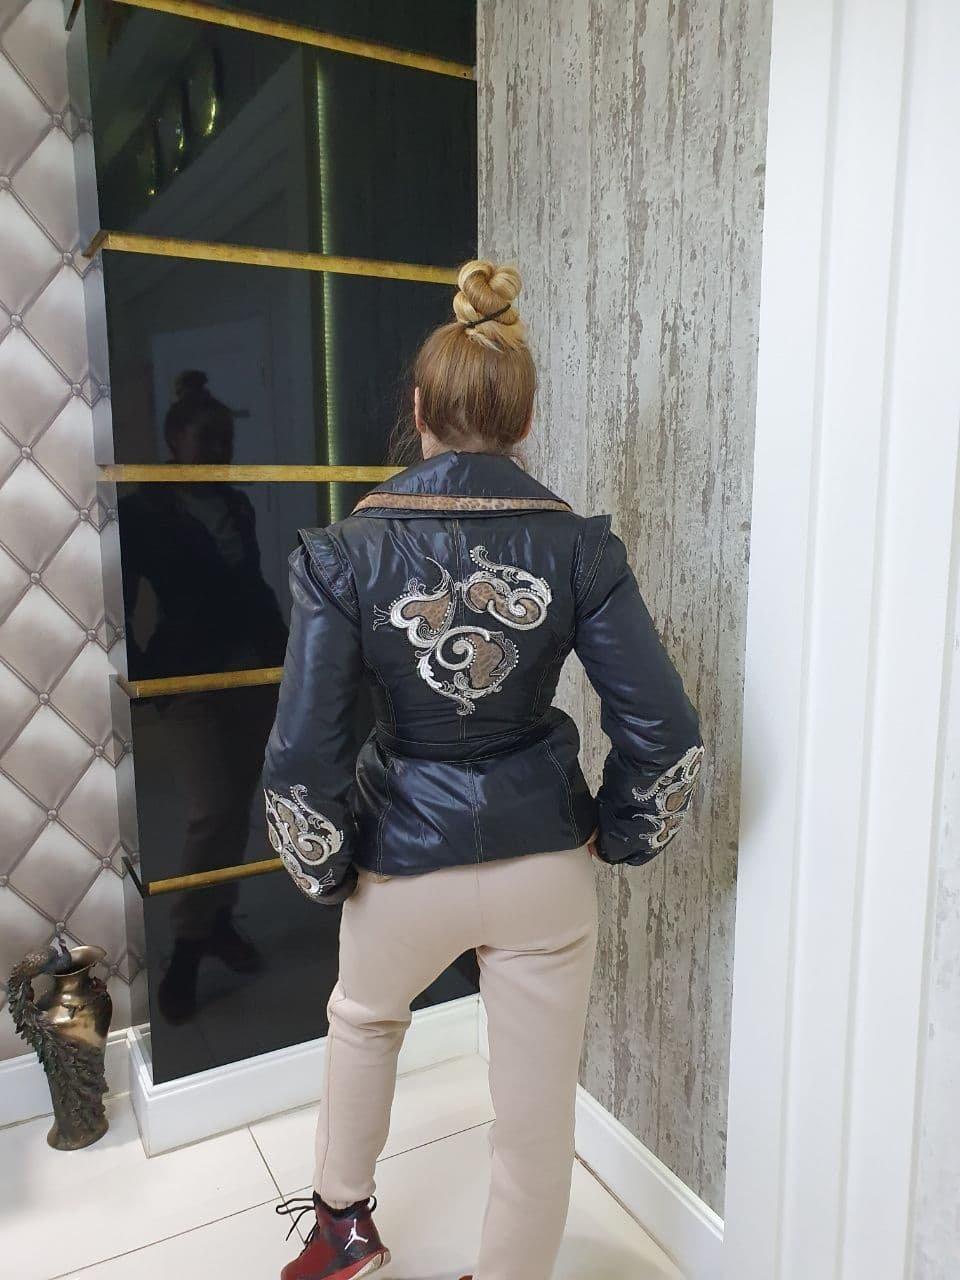 Куртка Весна Белис 10725 АРТ. 47151 Цвет: Черный - фото 2, интернет магазин tm-modus.ru